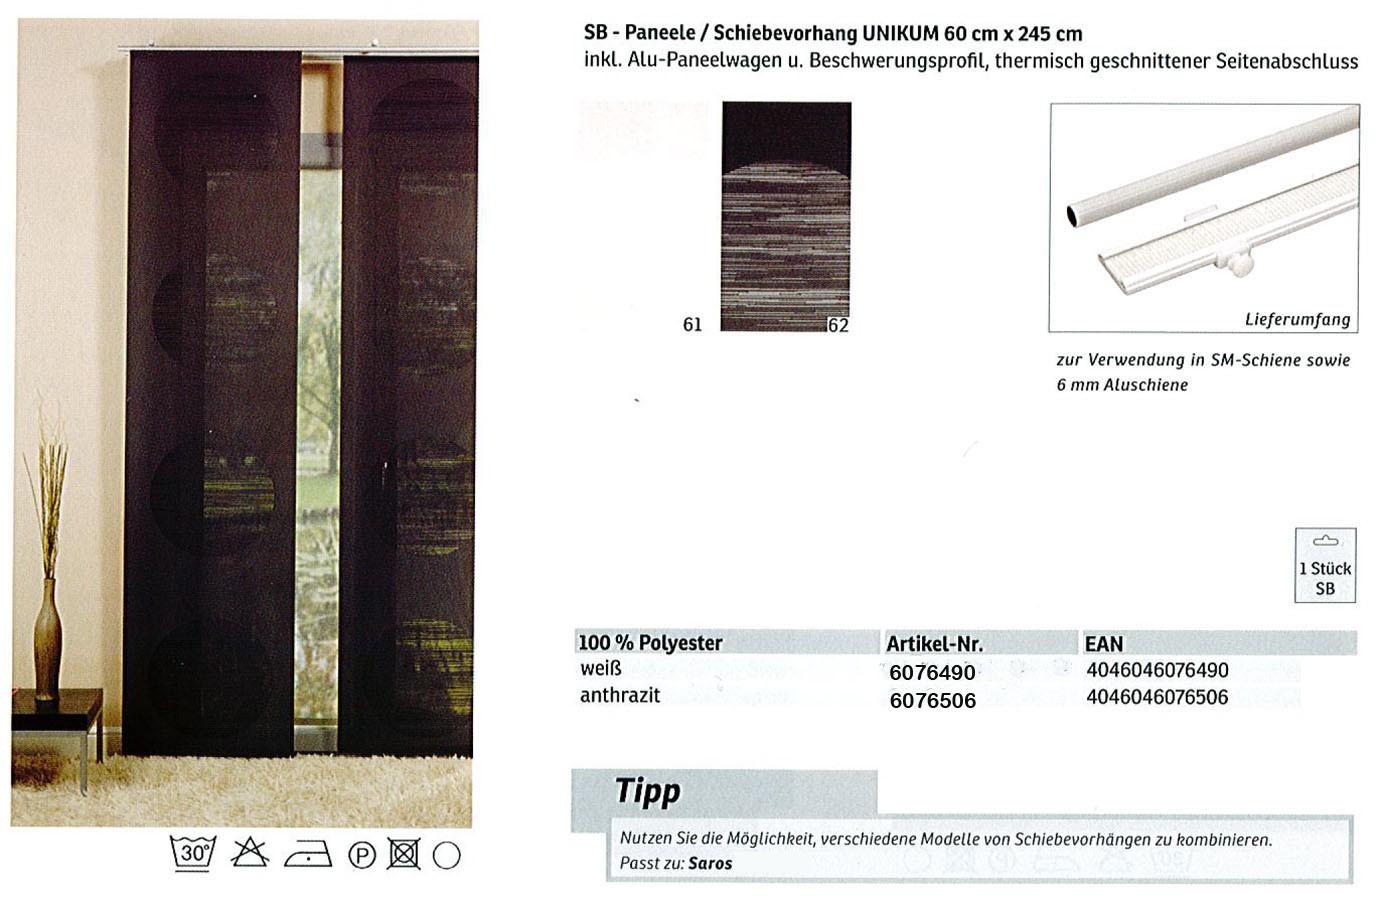 Schiebevorhang Unikum anthrazit 60 x 245 cm